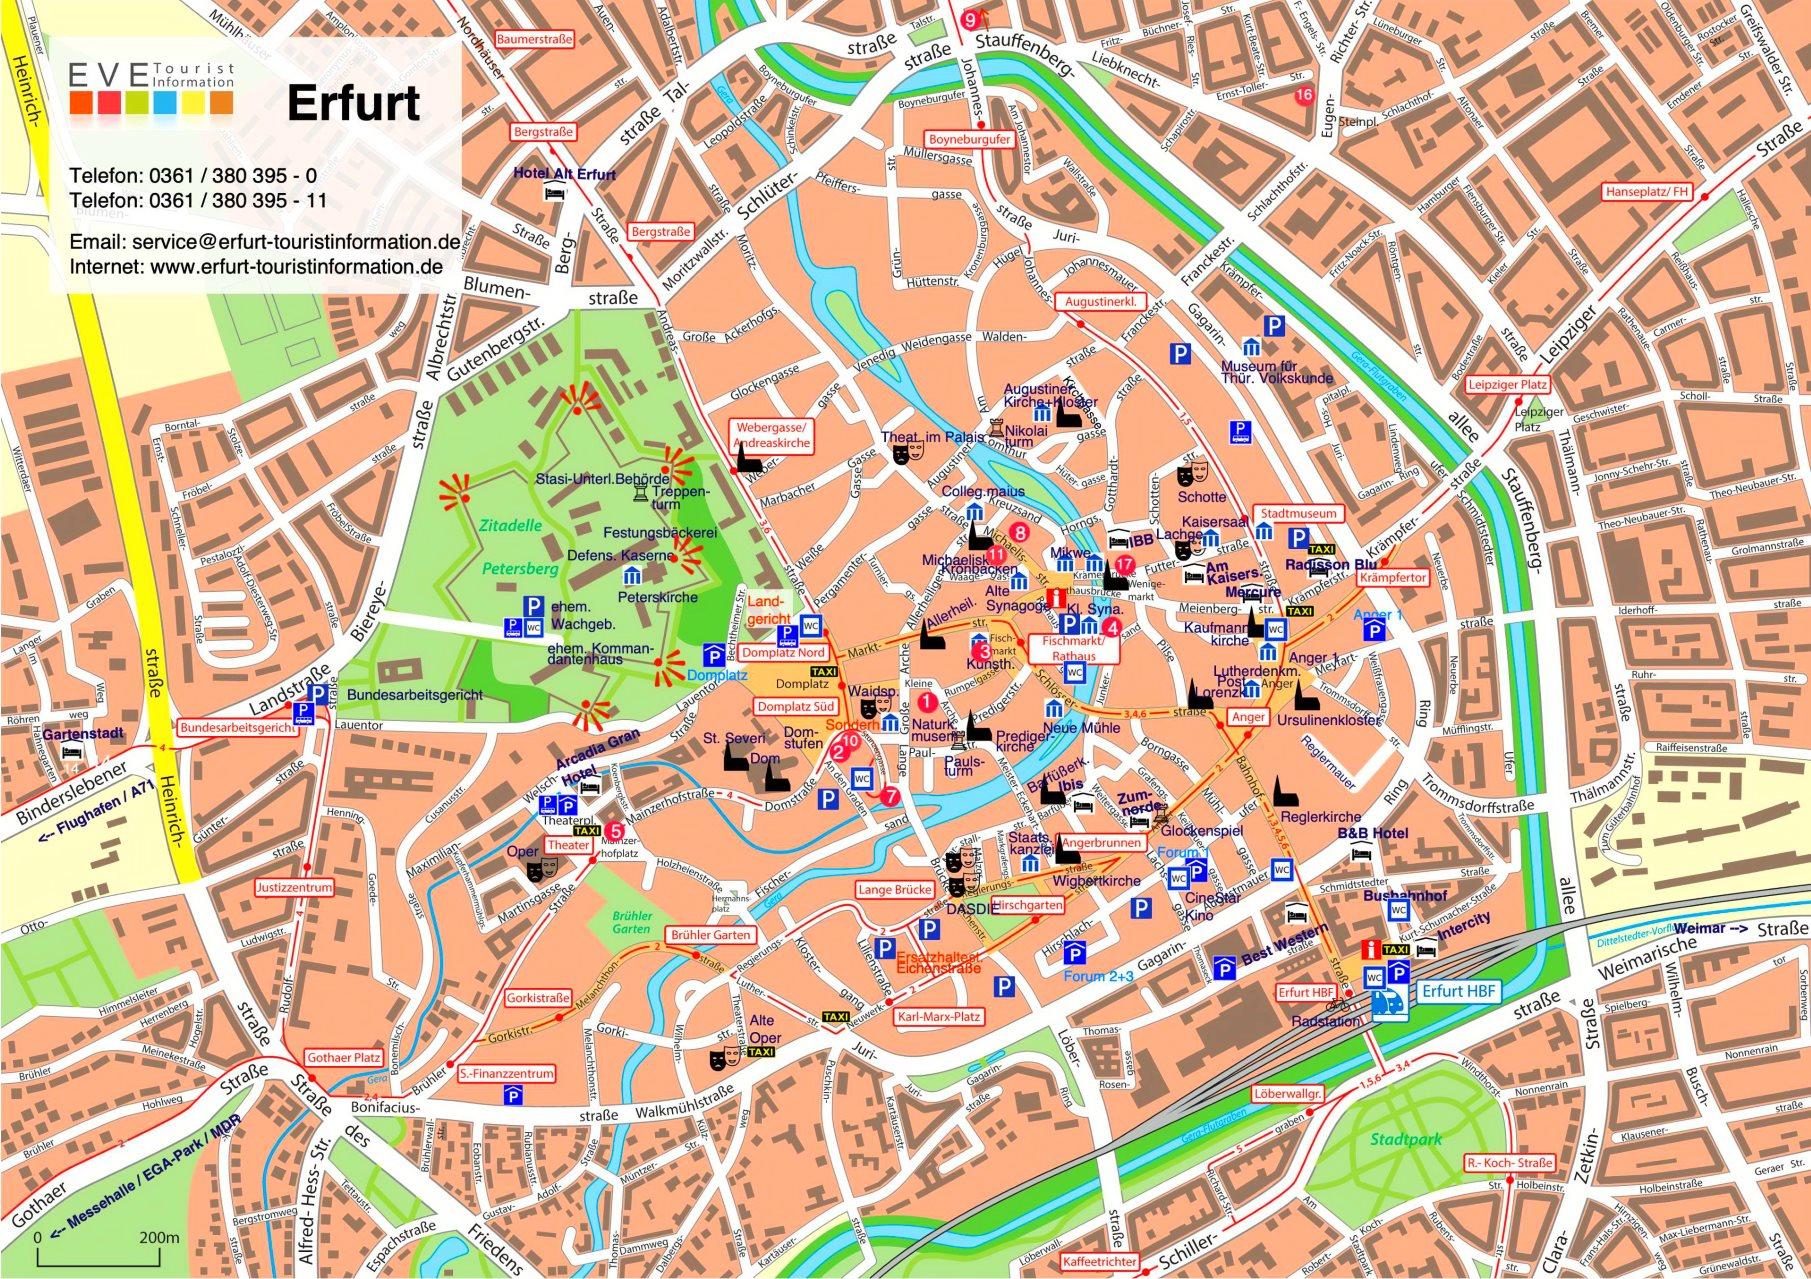 Erfurt Sehenswürdigkeiten Karte   Ungarn Karte